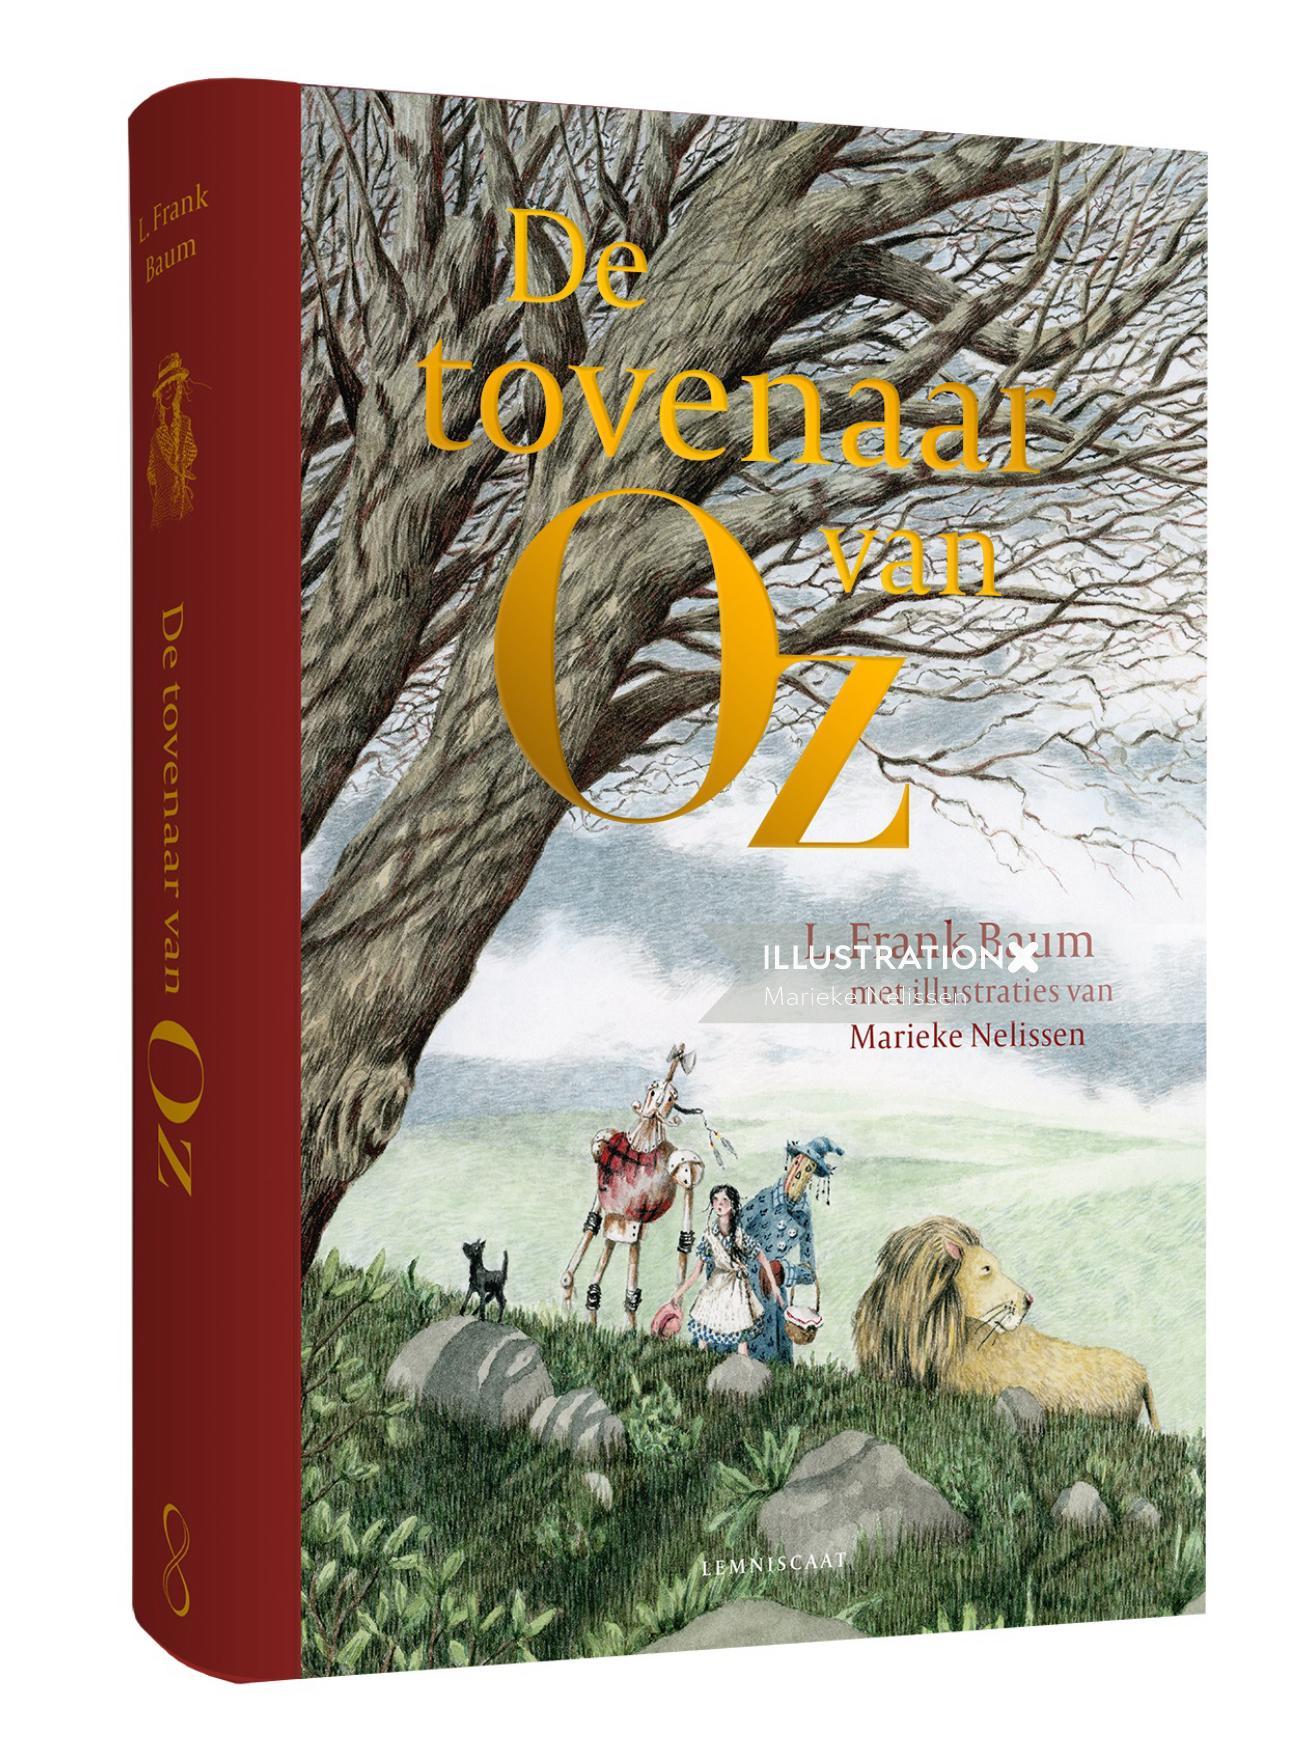 de tovenaar van oz book cover